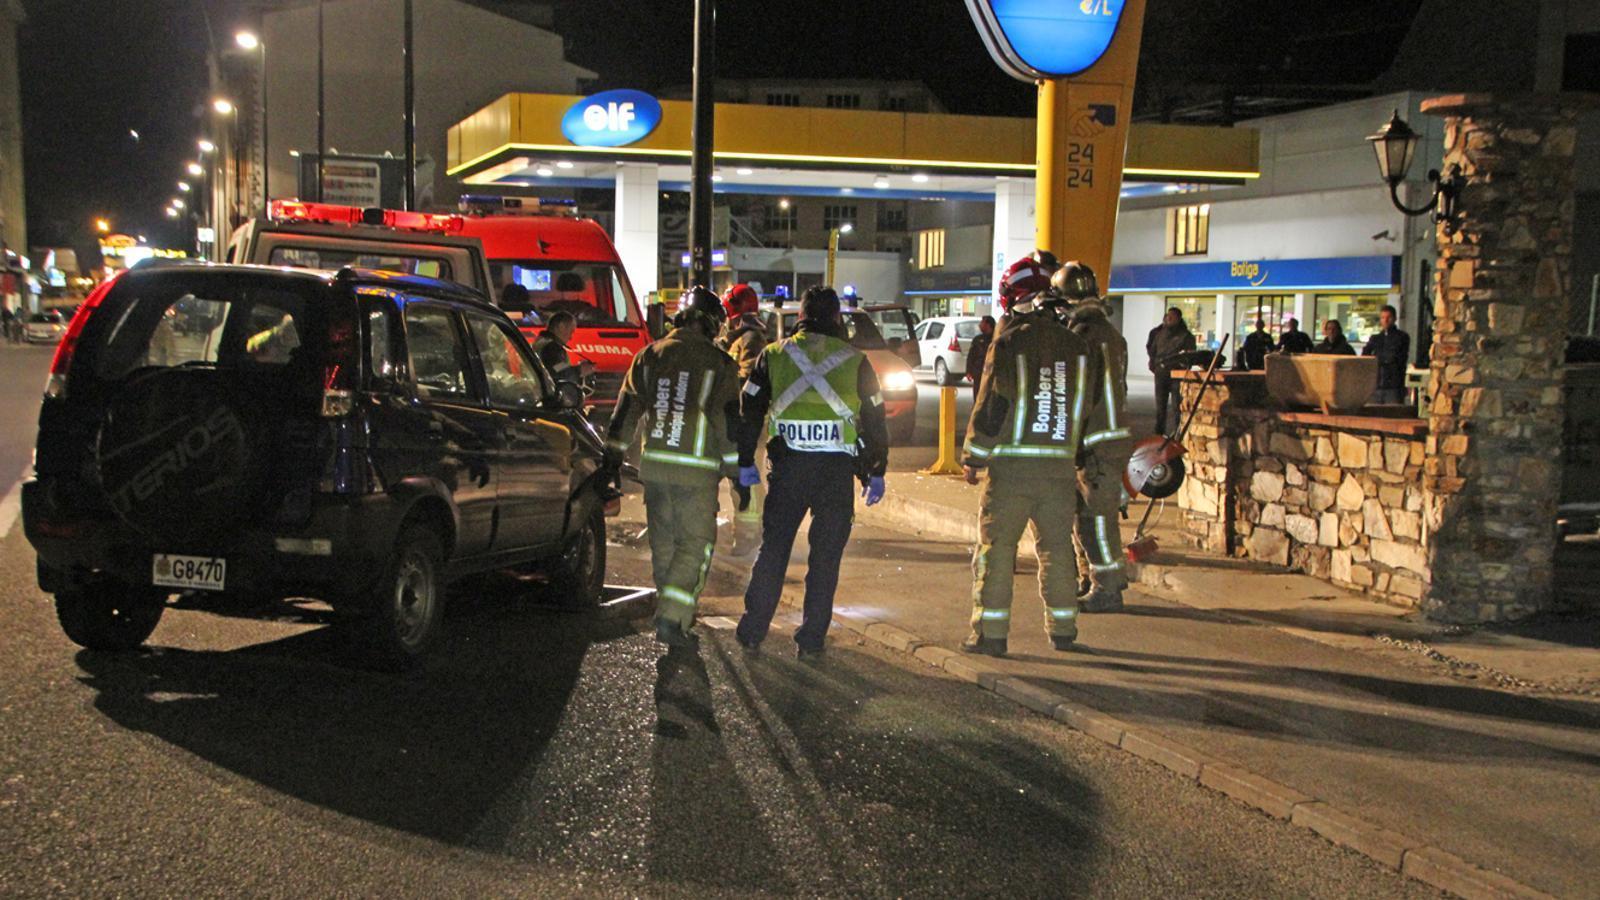 Fotografia d'arxiu d'un accident a l'avinguda Santa Coloma / ANA